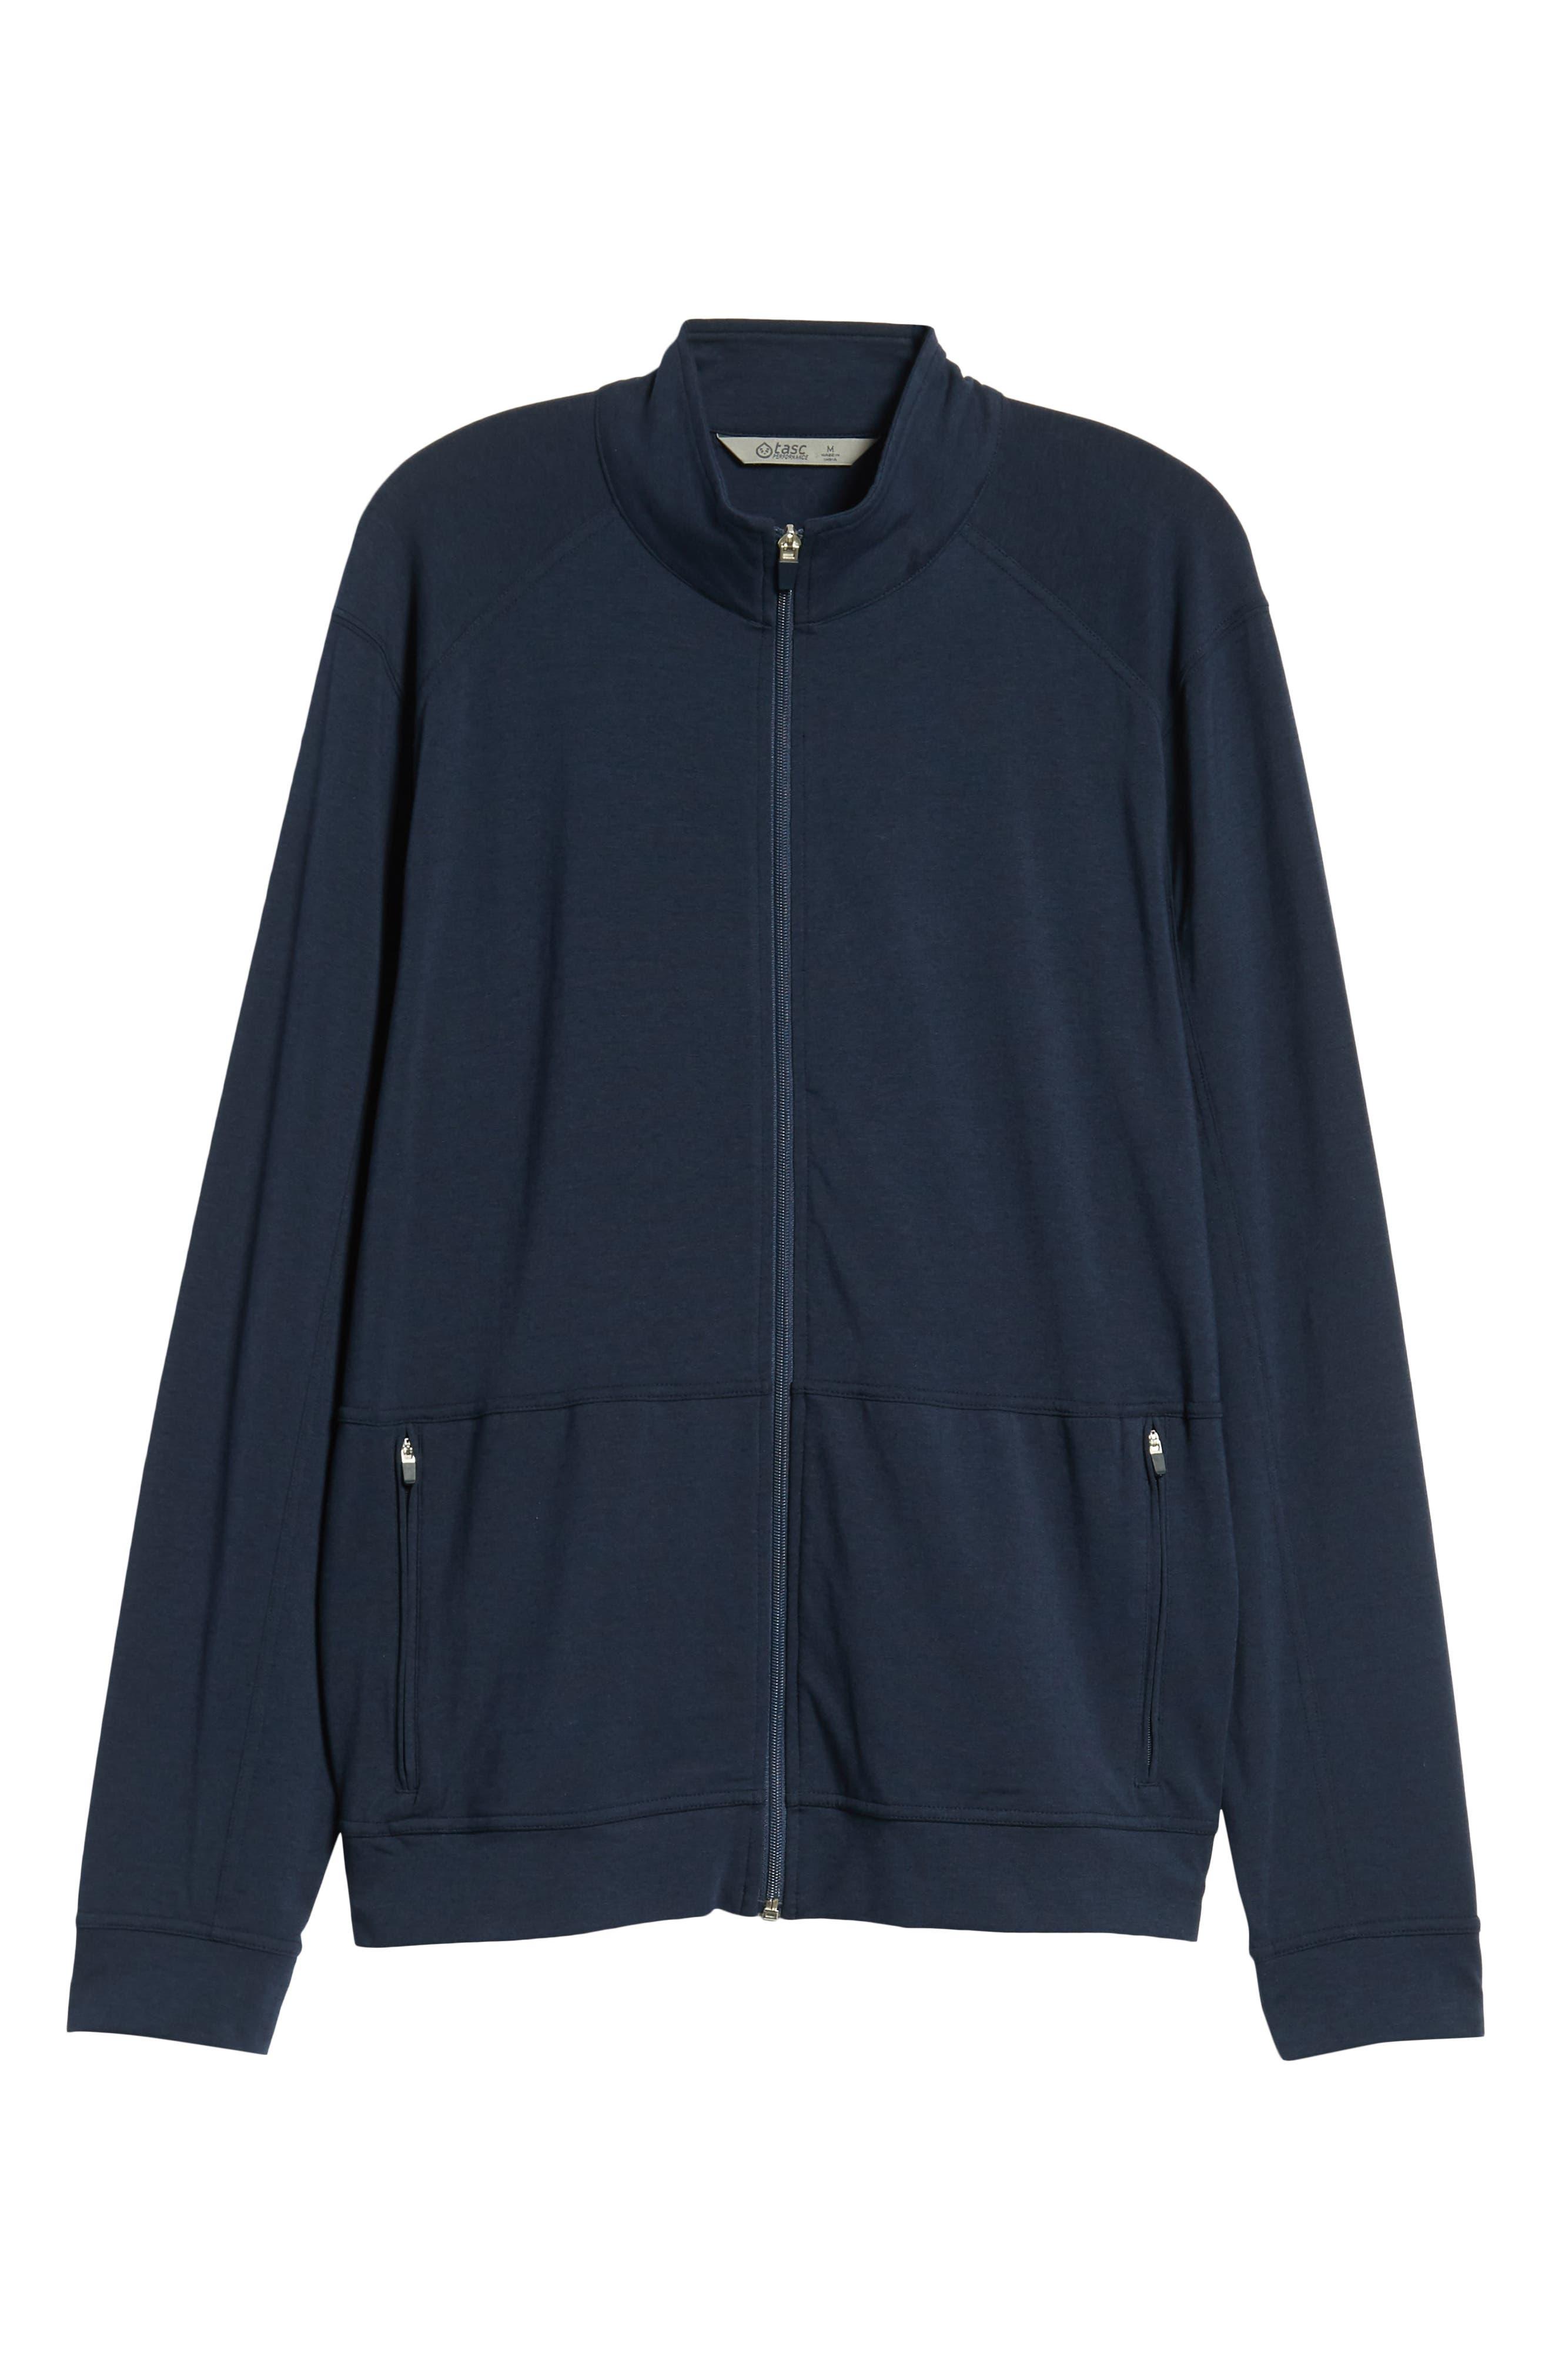 TASC PERFORMANCE,                             Carrollton Zip Jacket,                             Alternate thumbnail 5, color,                             CLASSIC NAVY